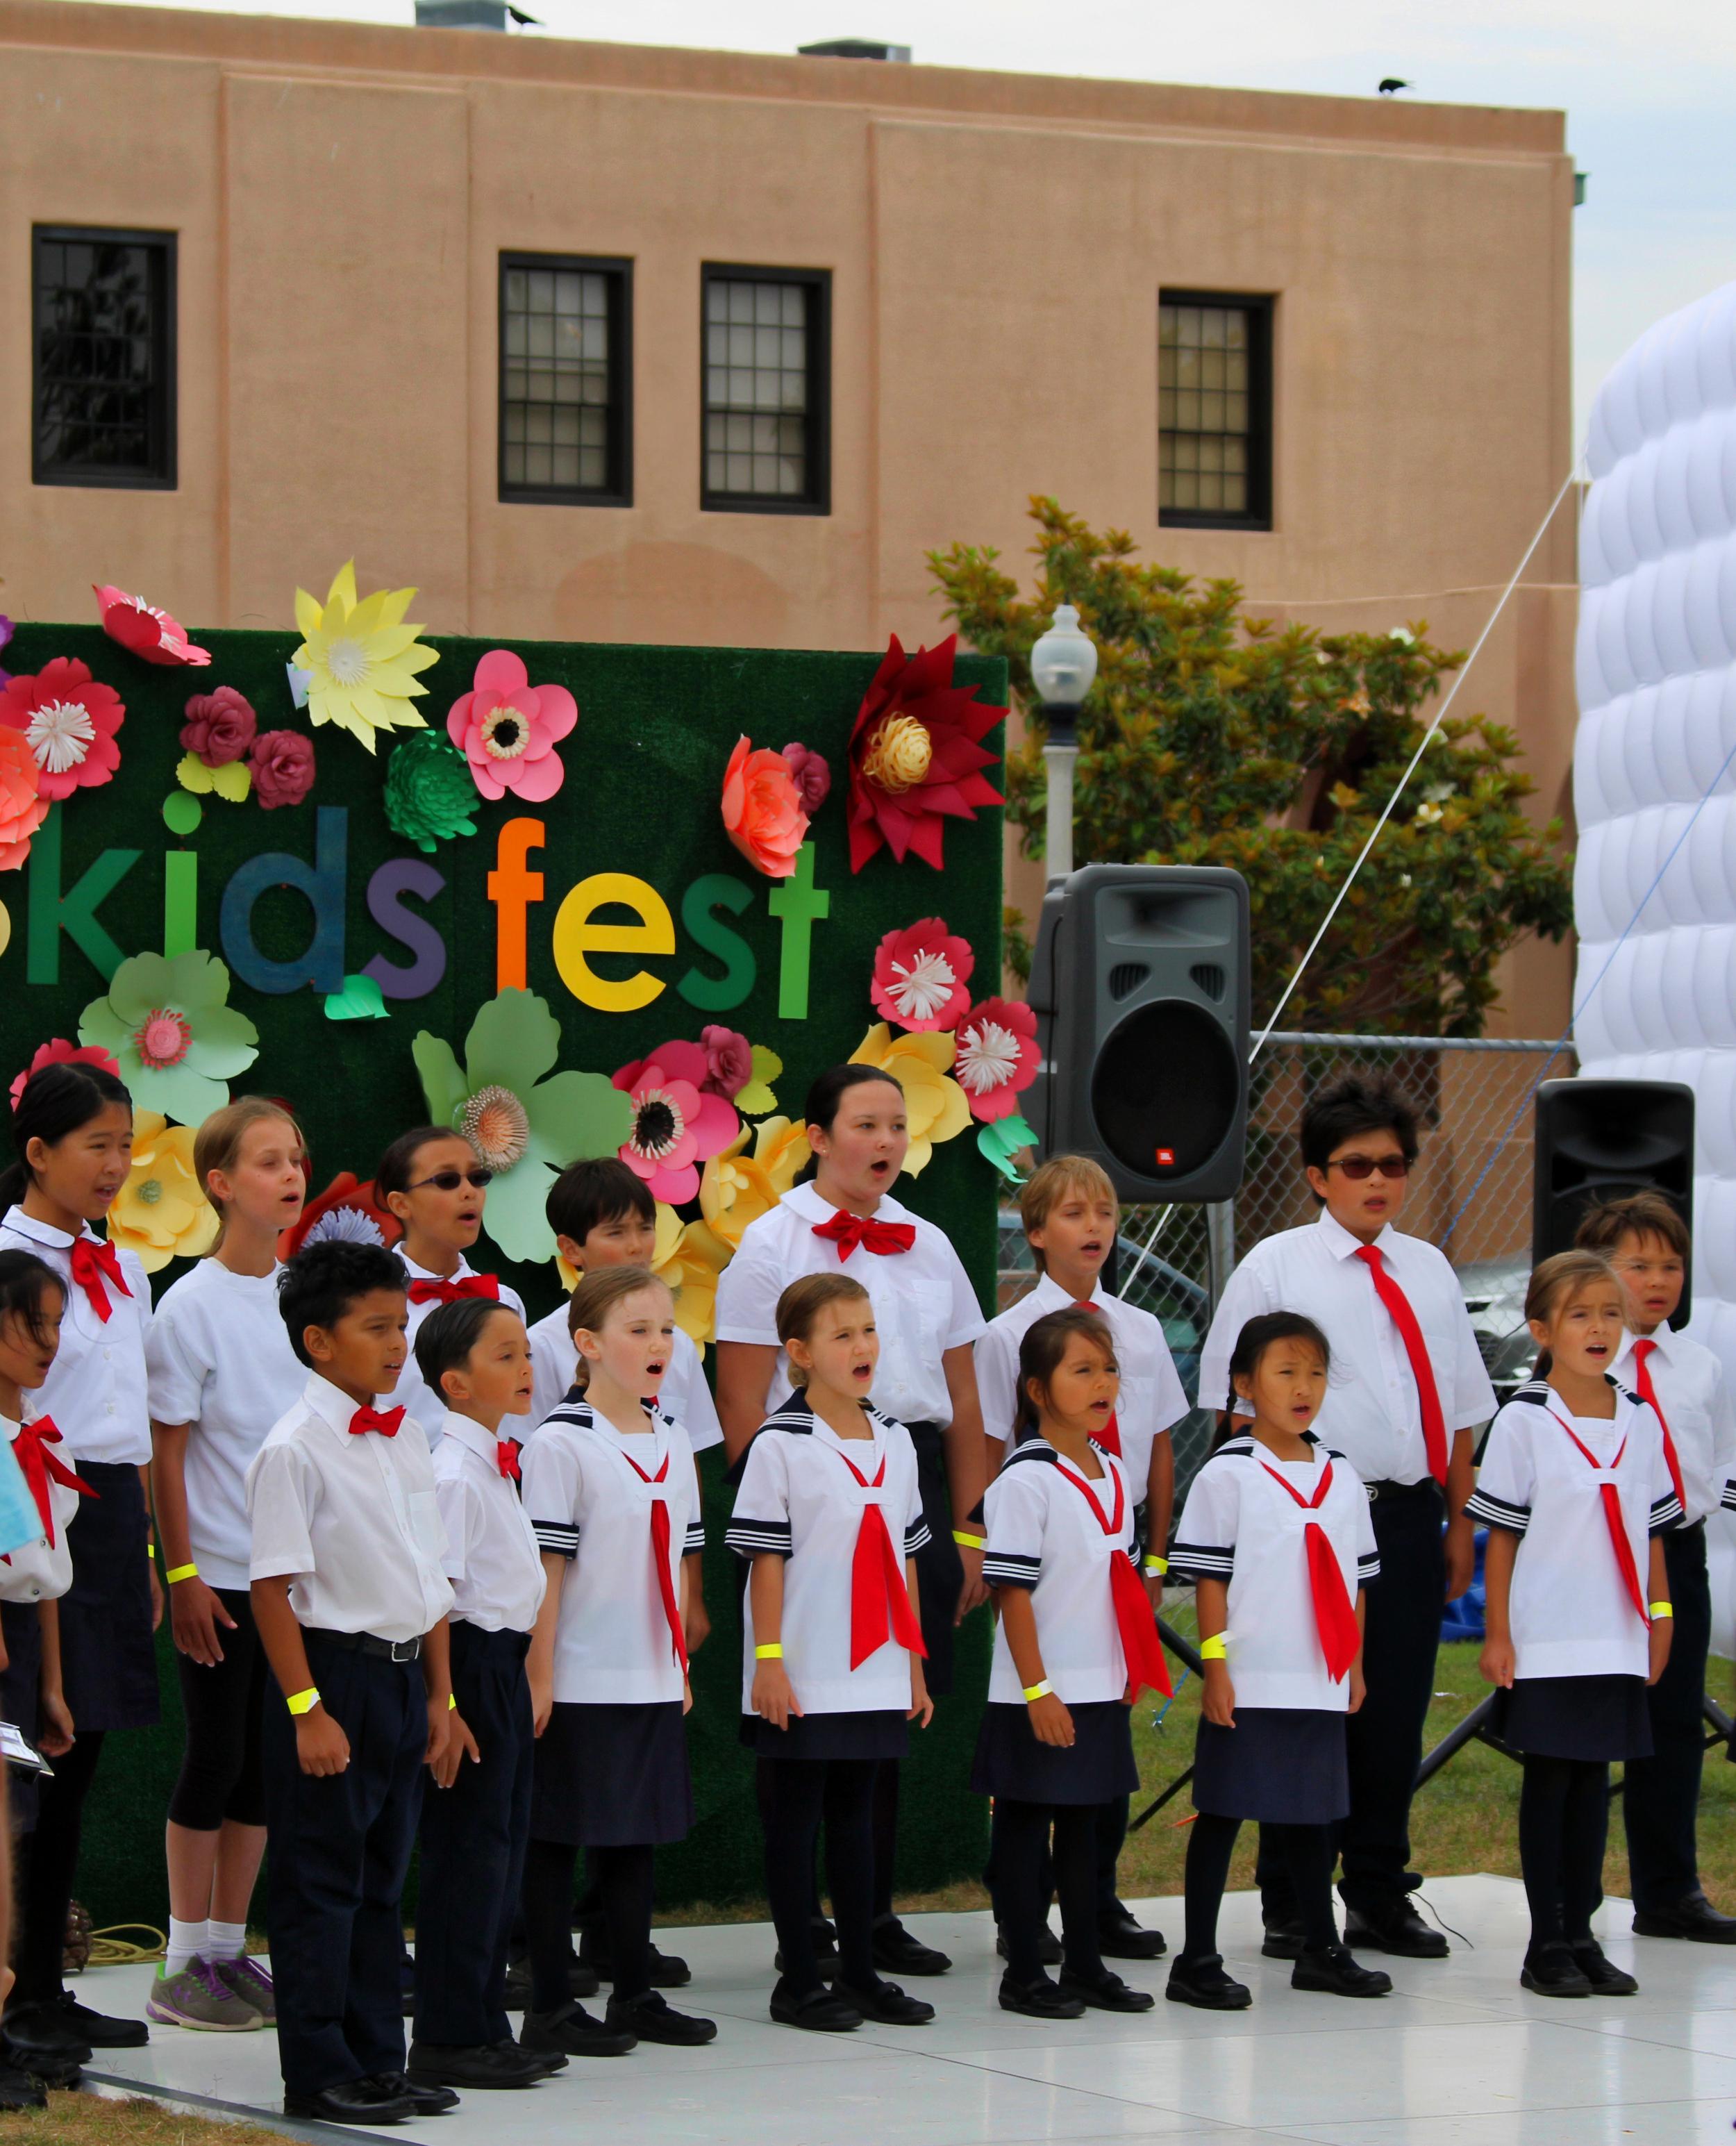 kidsfest15.jpeg